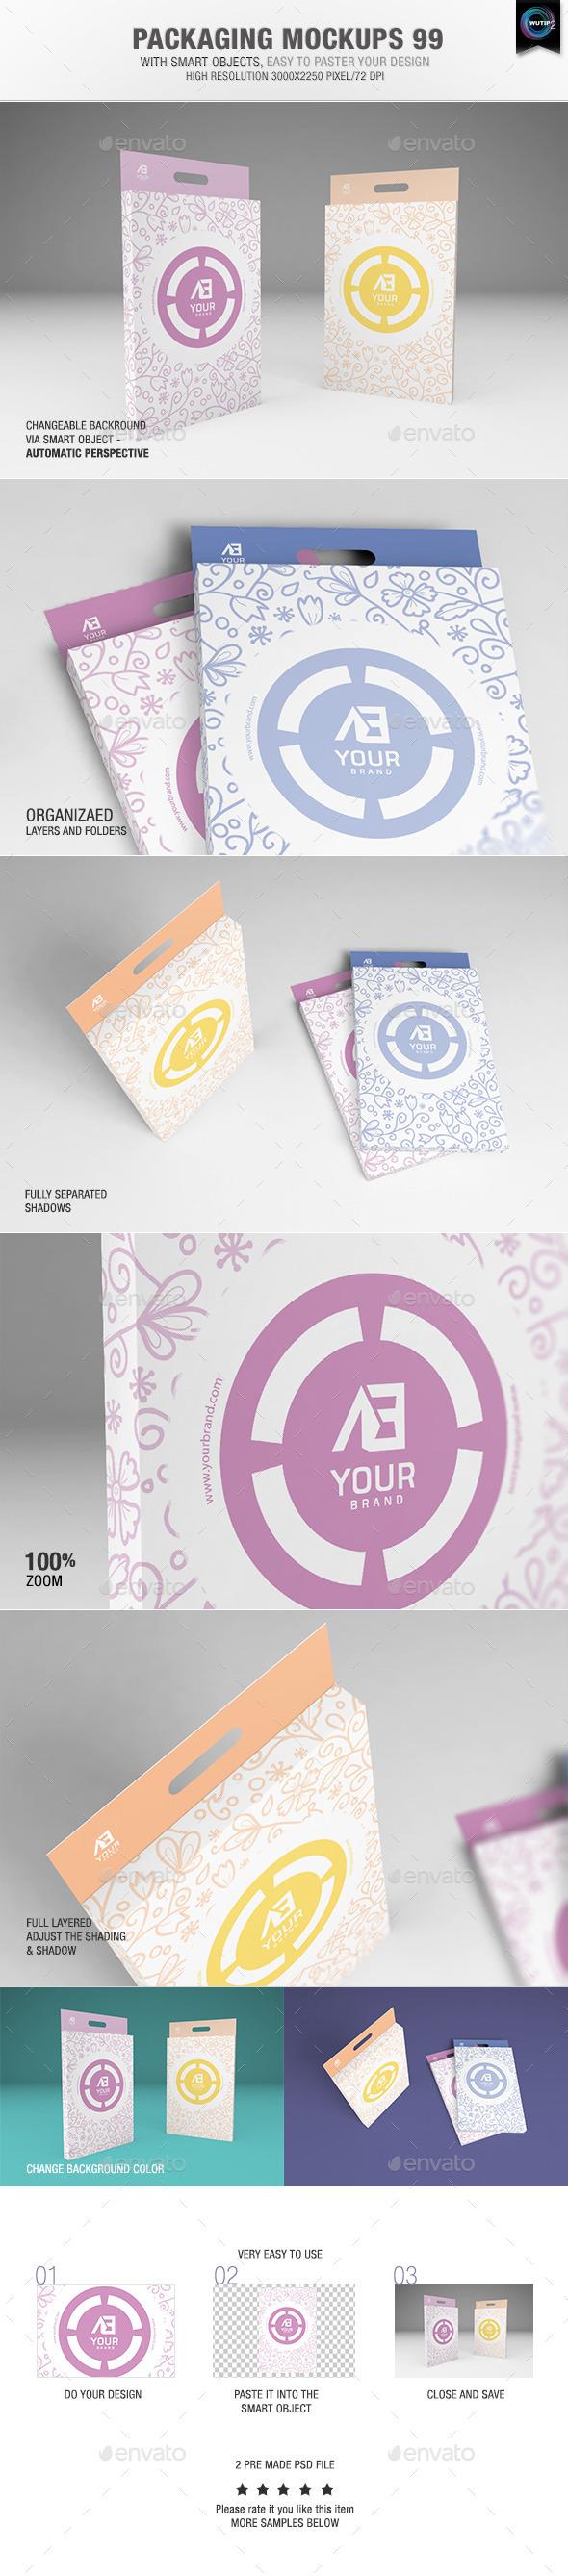 Packaging Mock-ups 99 - Packaging Product Mock-Ups